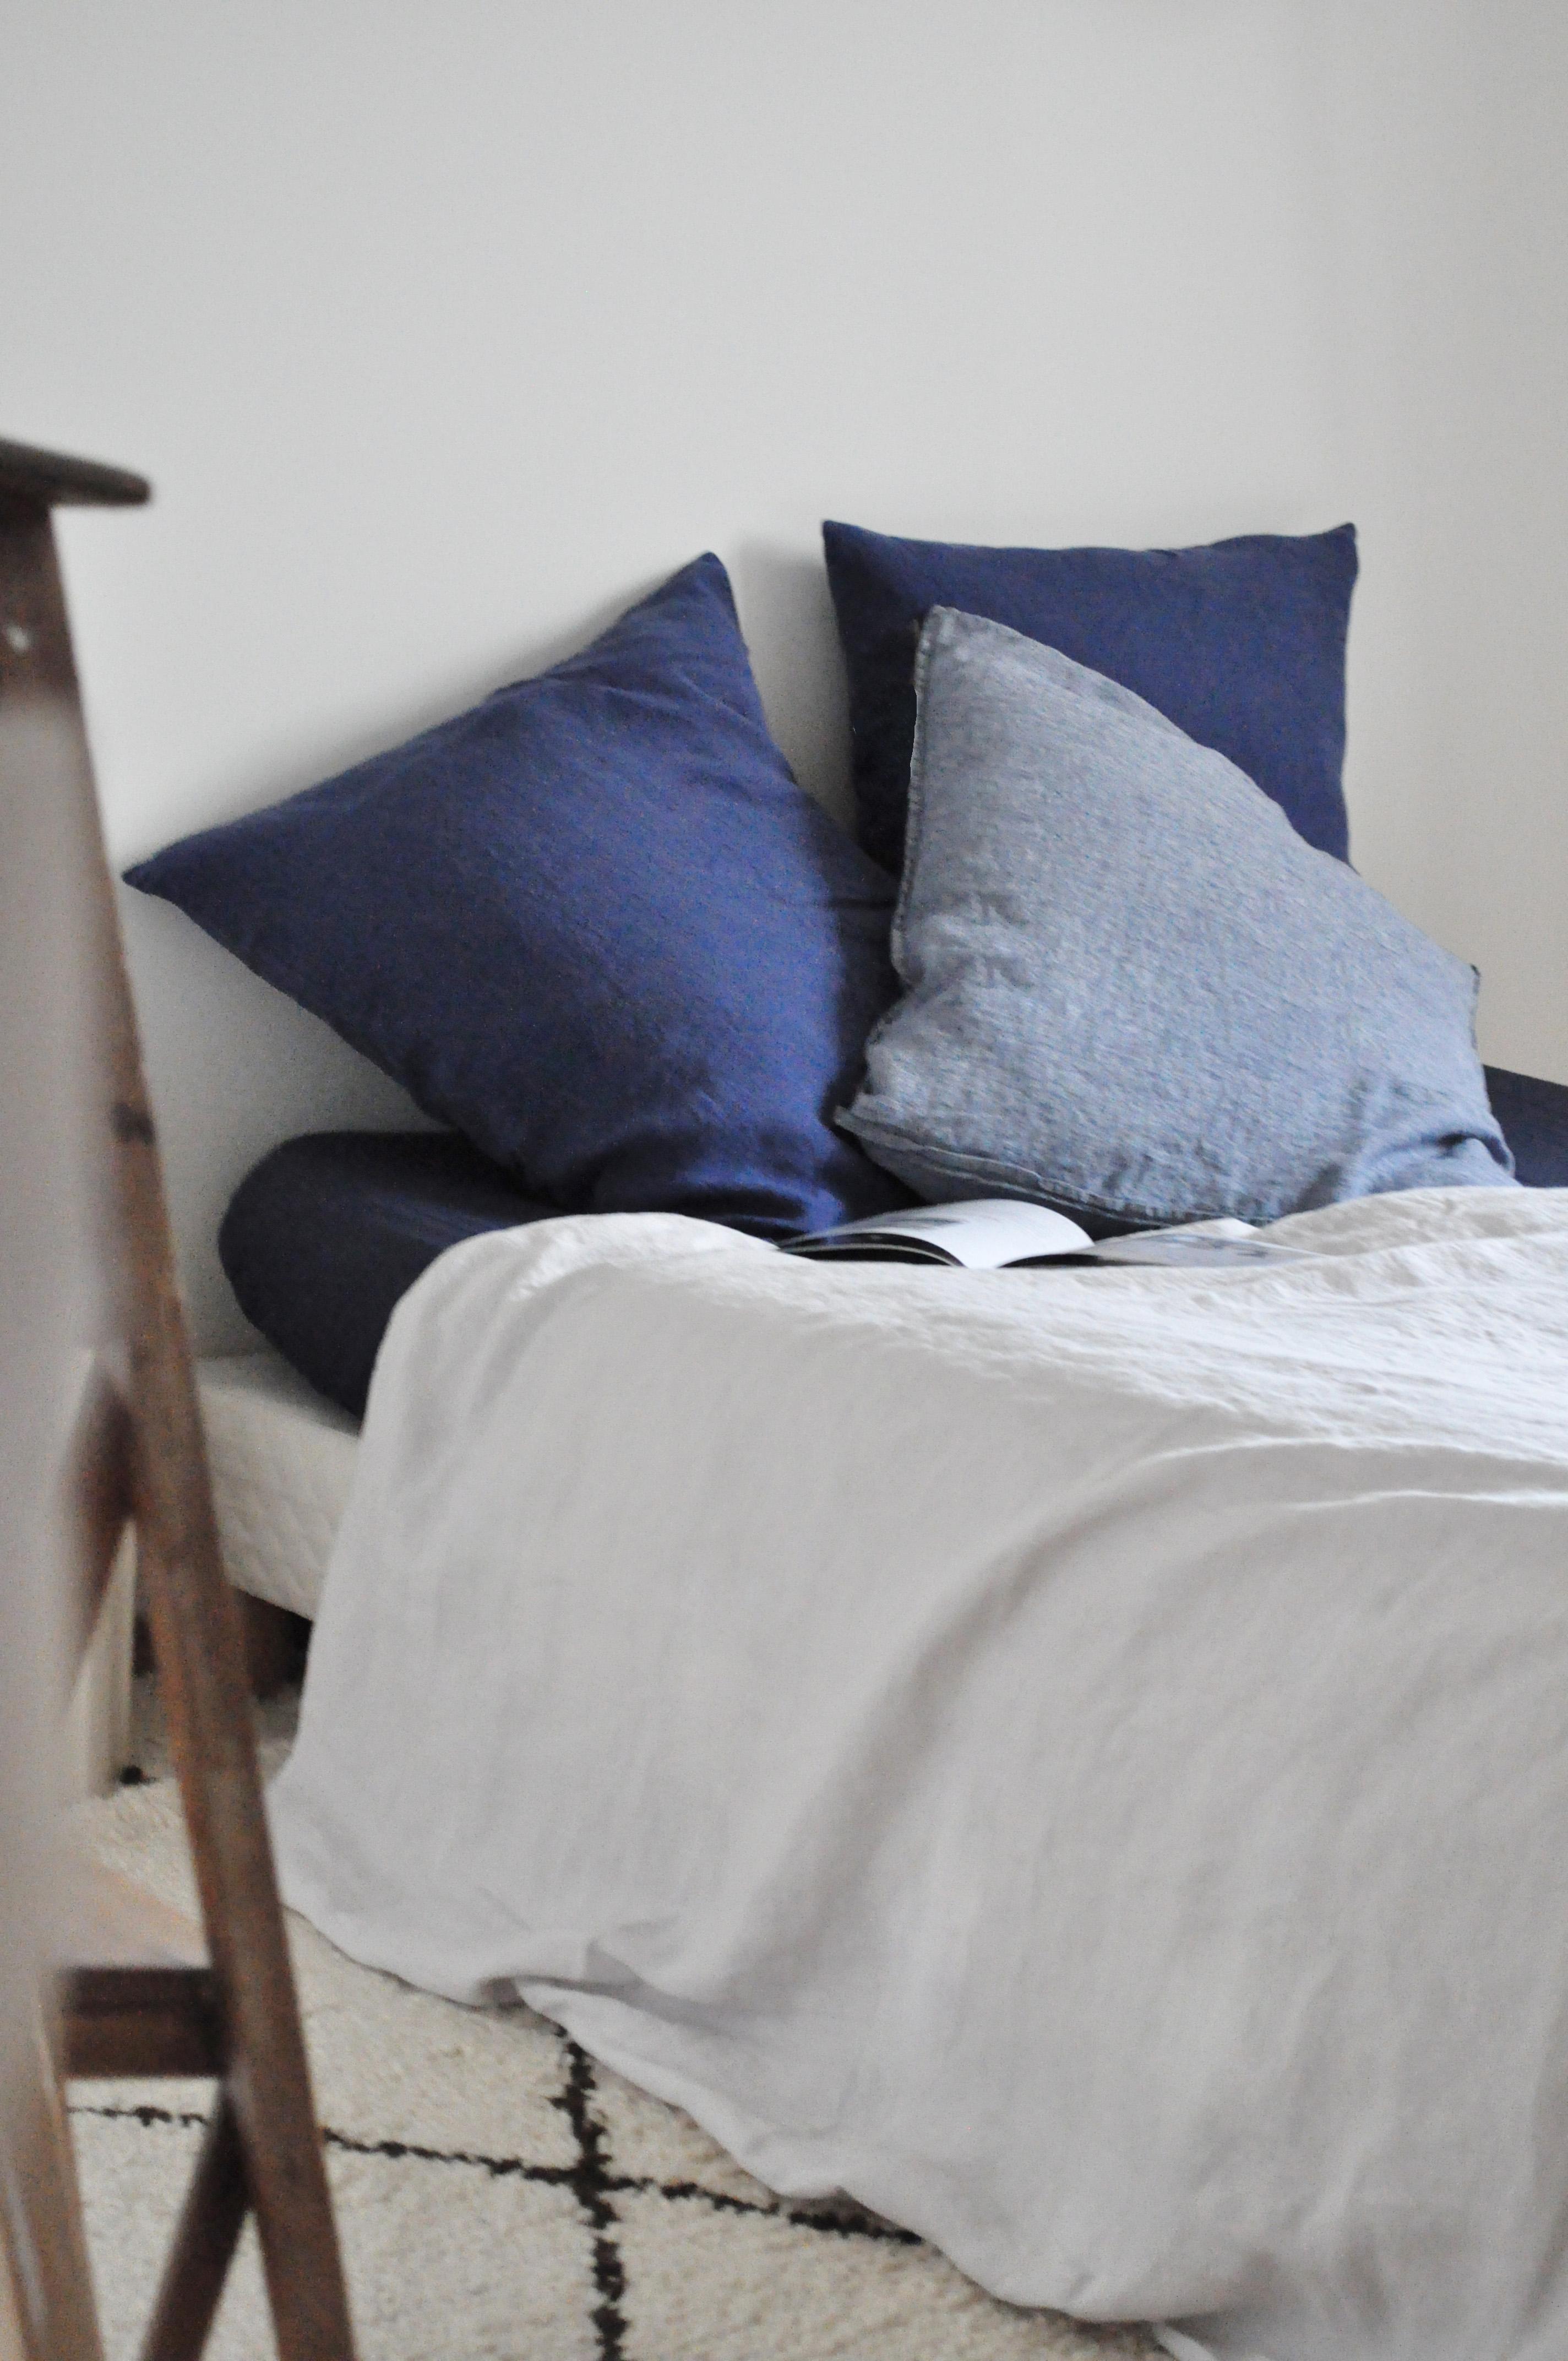 housse de couette en lin craie le vide grenier d 39 une parisienne. Black Bedroom Furniture Sets. Home Design Ideas